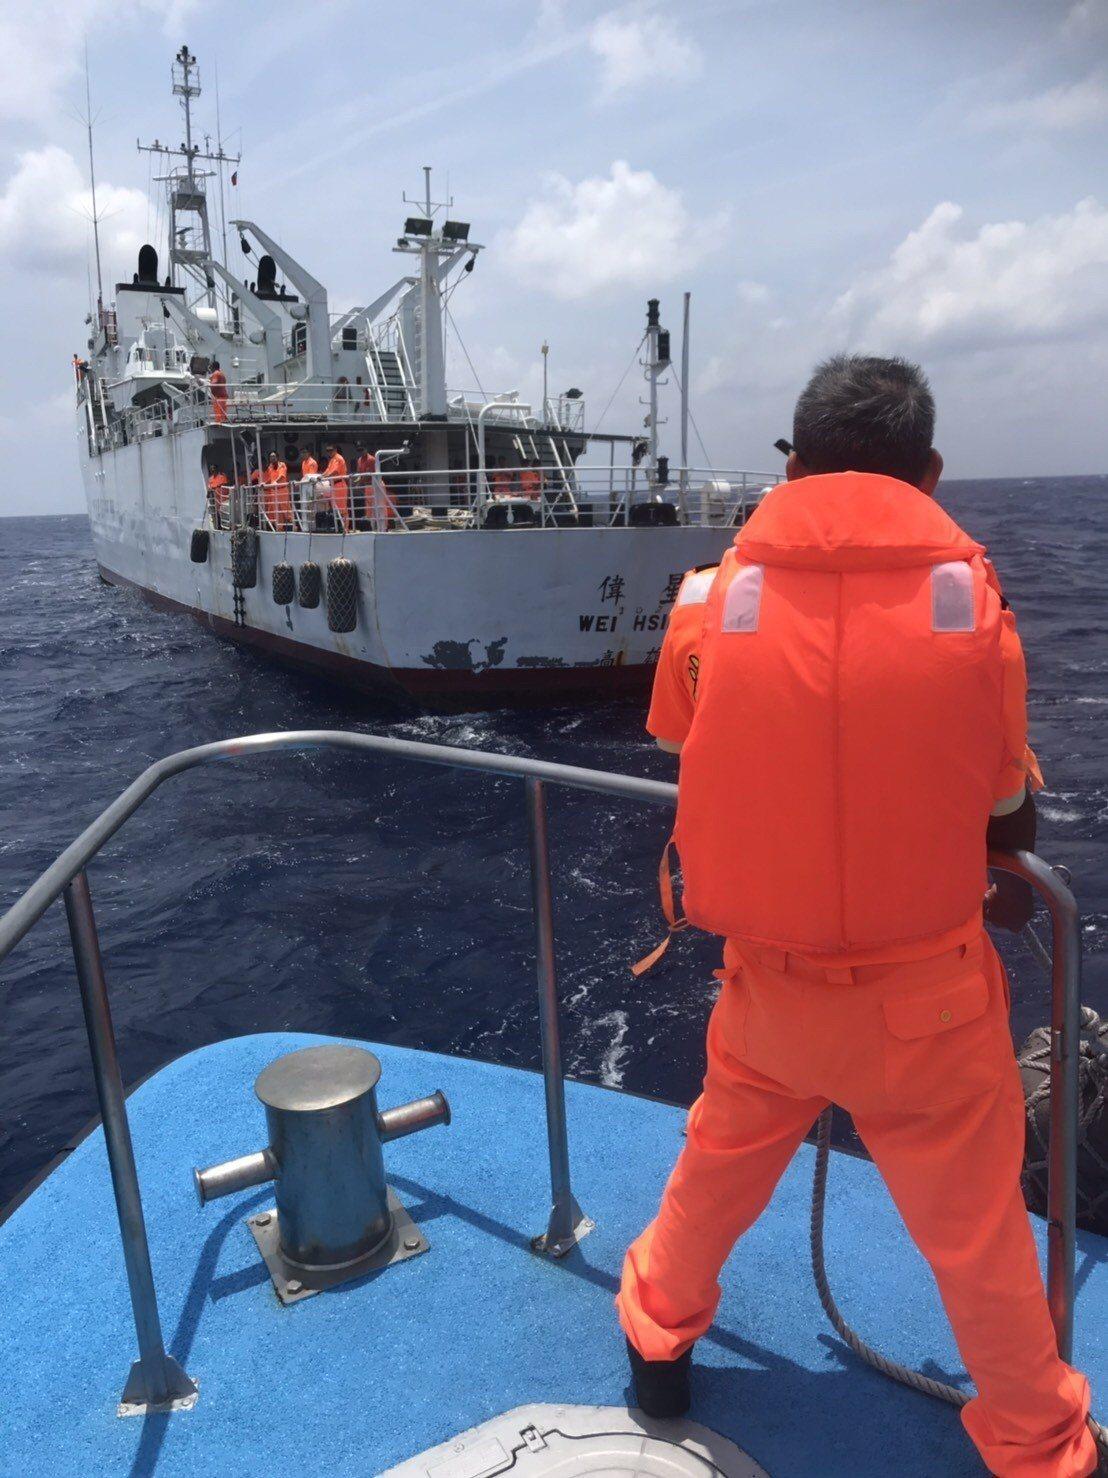 東港籍漁船瑞易漁號今天上午5時許在鵝鑾鼻東南方47浬處發生起火,海巡艦隊分署南部...